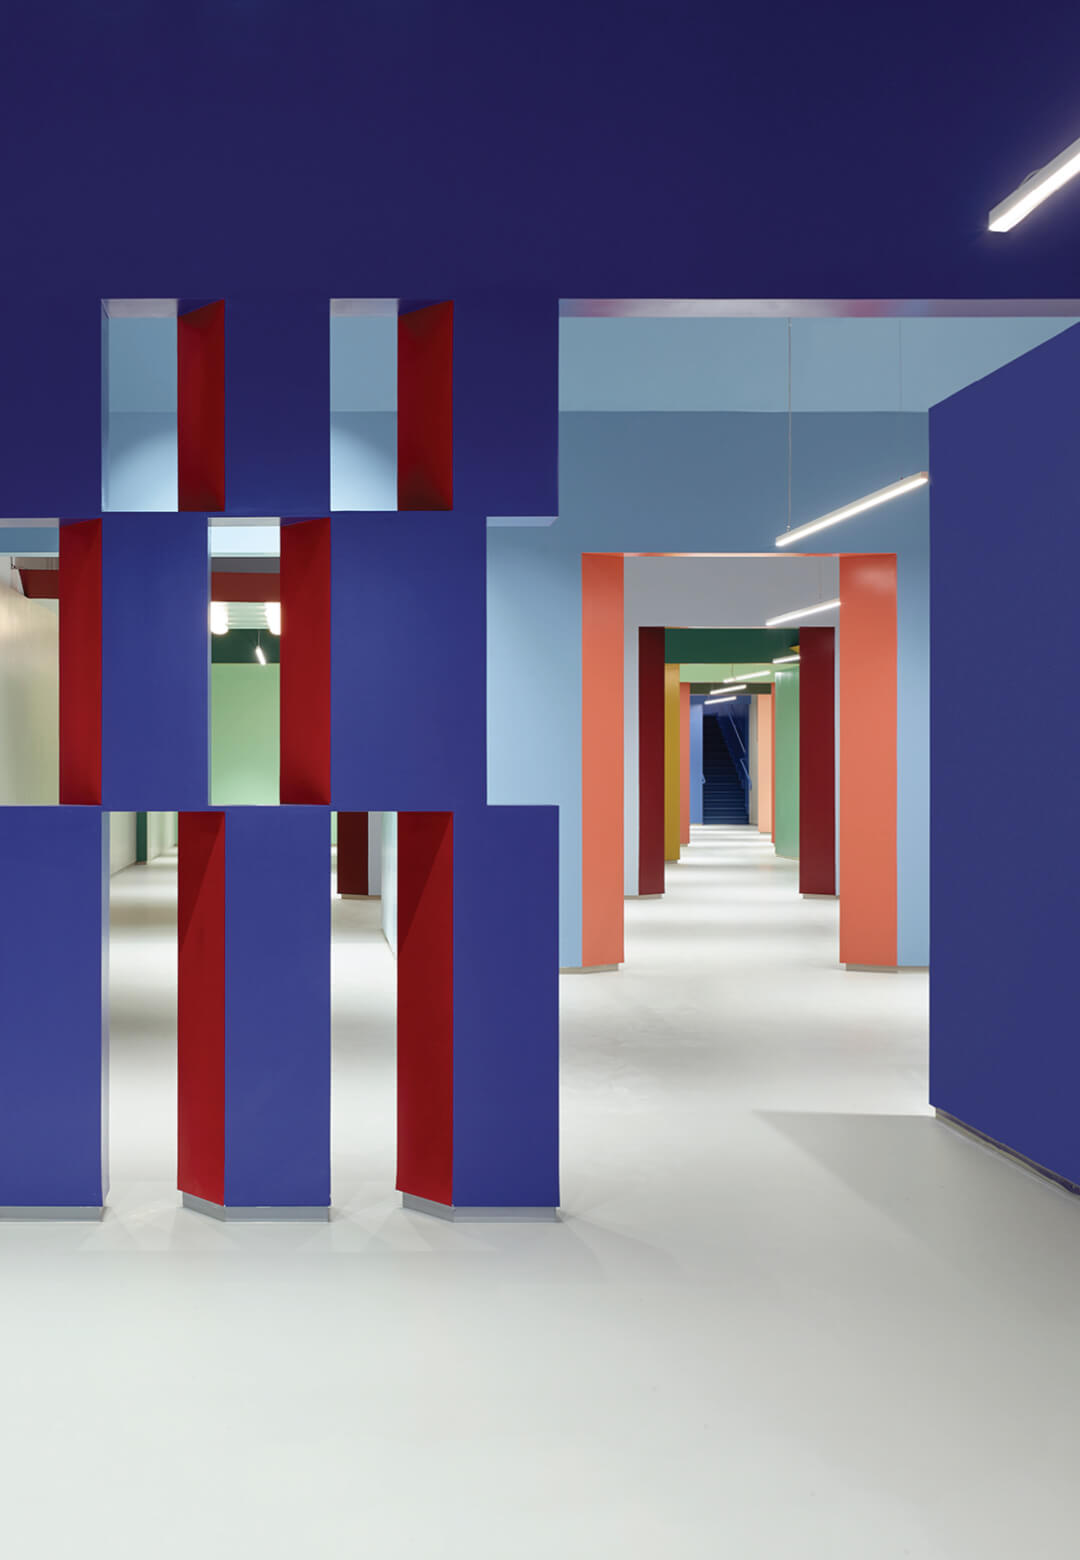 Inside Kaza showroom by Baranowitz & Goldberg in Tel Aviv, Israel | Kaza Israel Showroom by Baranowitz & Goldberg Architects | STIRworld